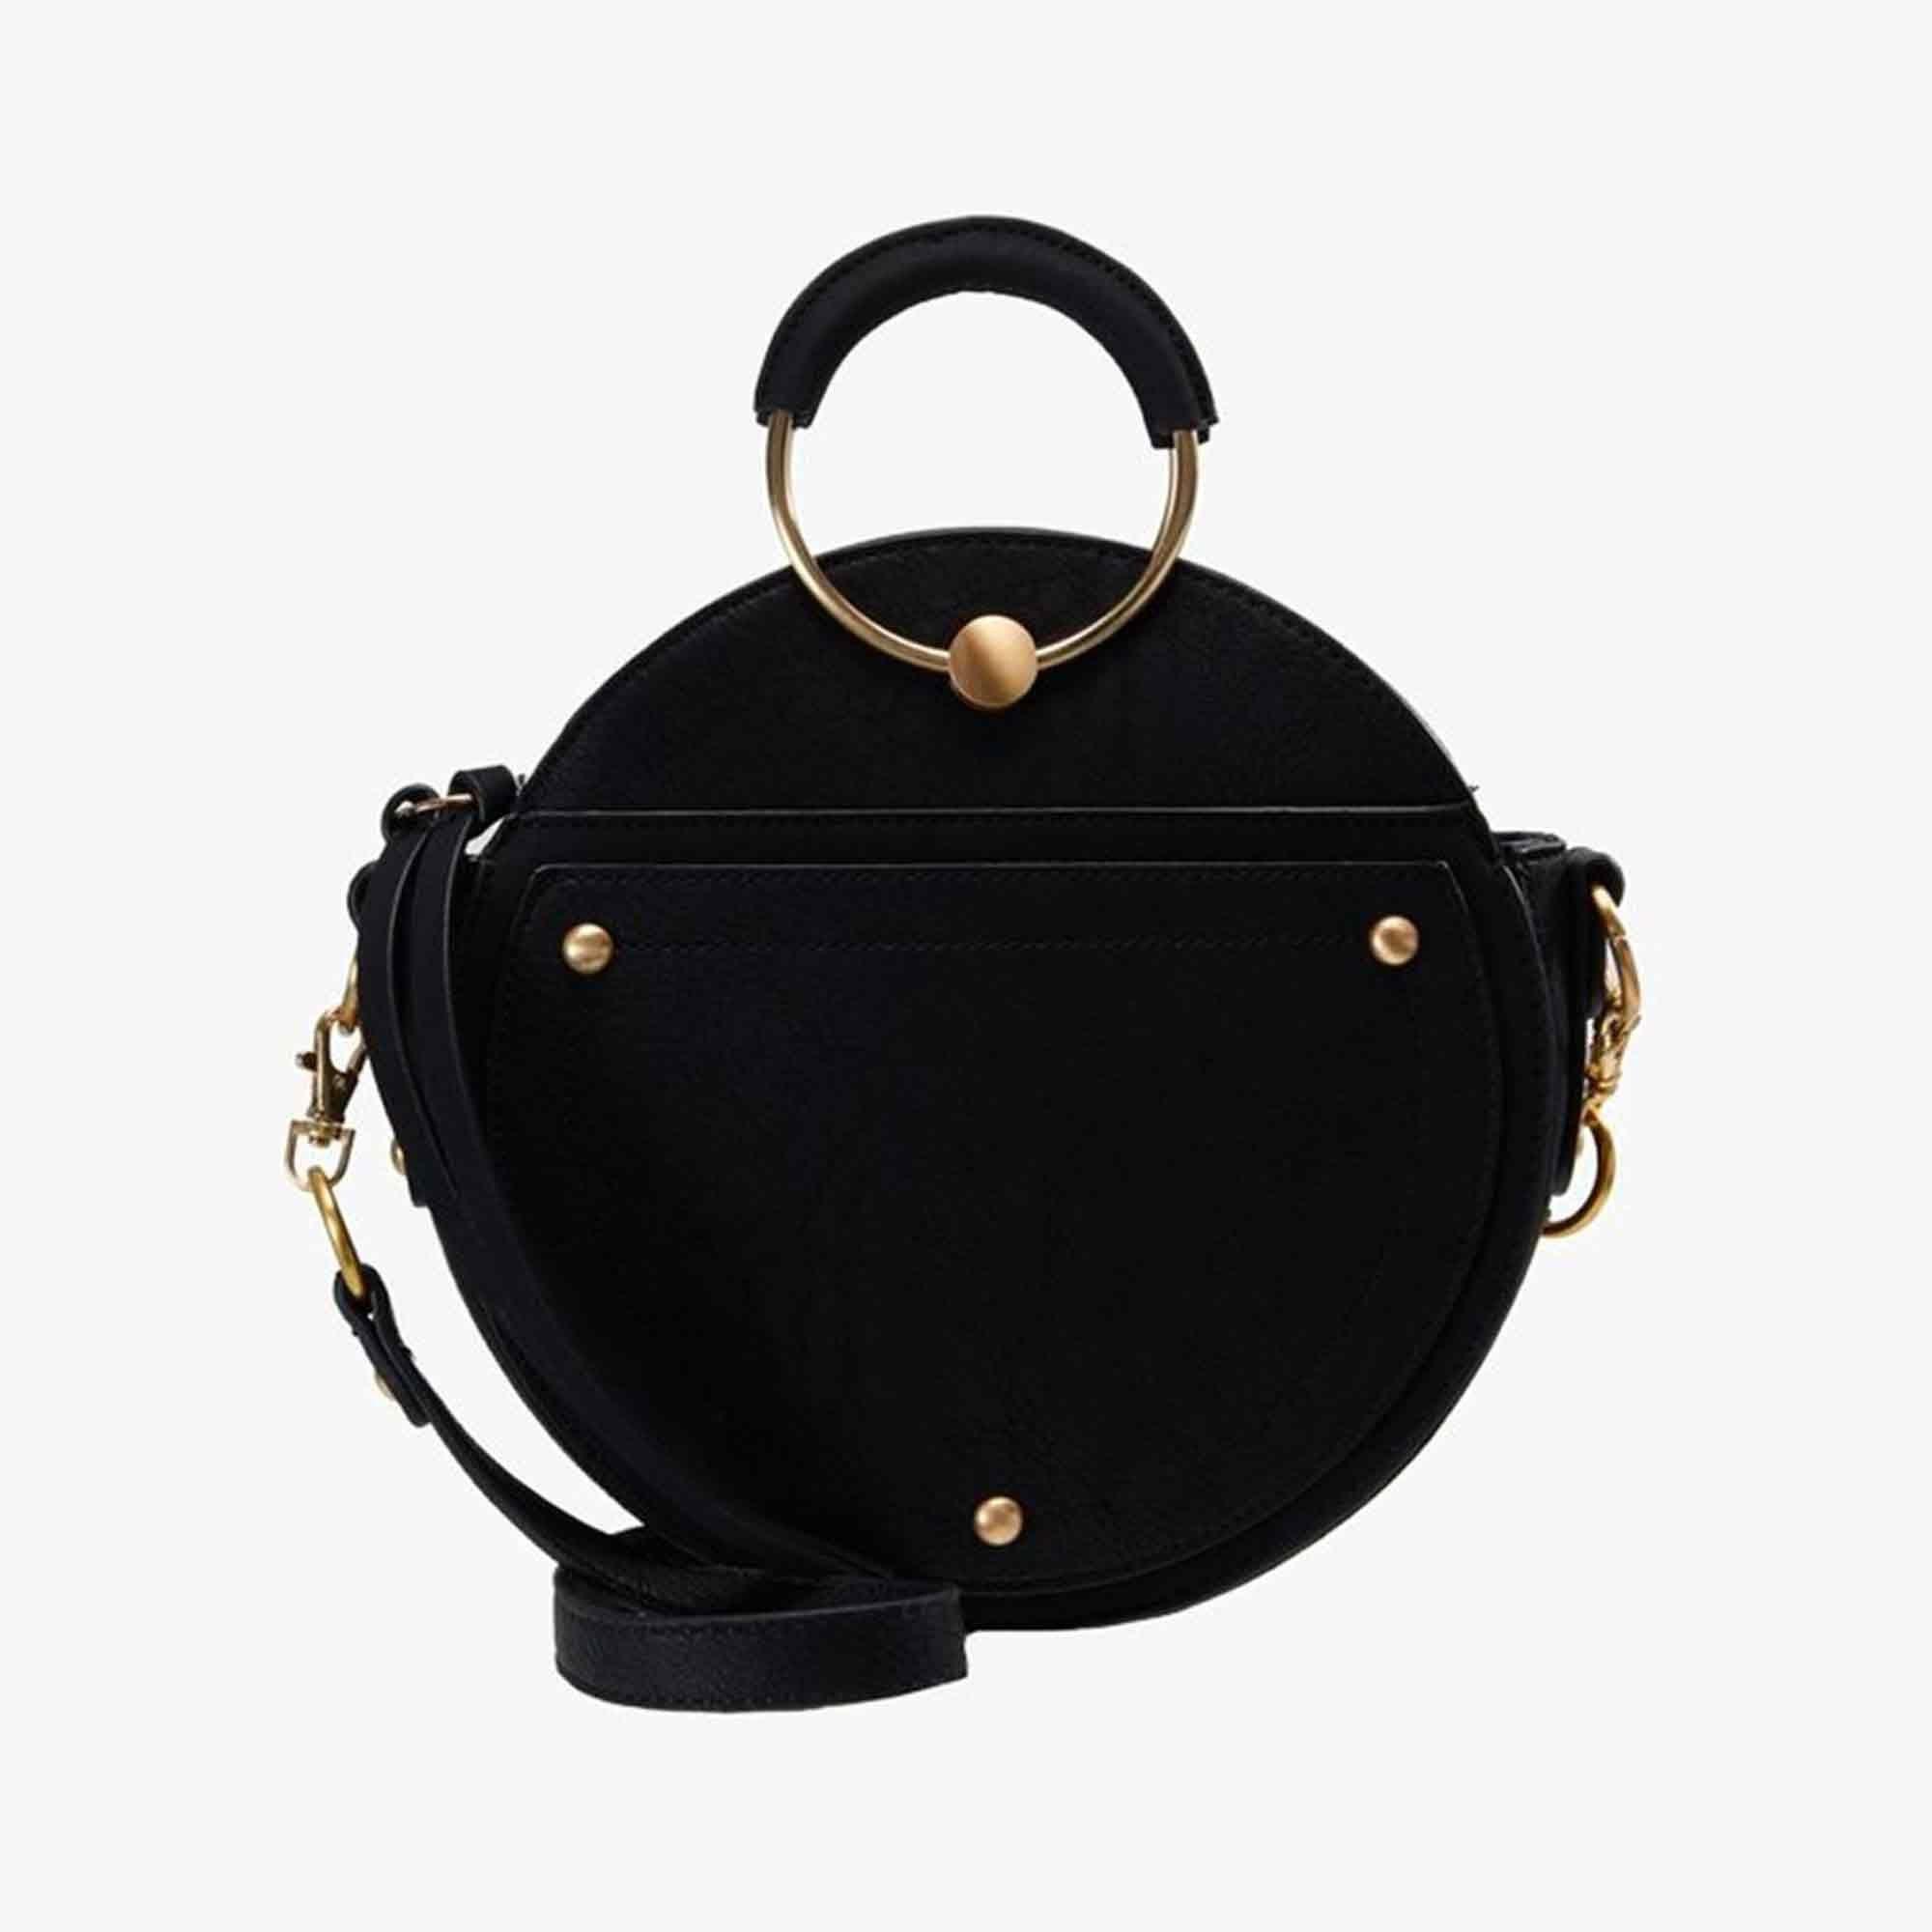 Allez-vous adopter le sac rond cet hiver     Sac à main tendance   Bags 95ca169063bc